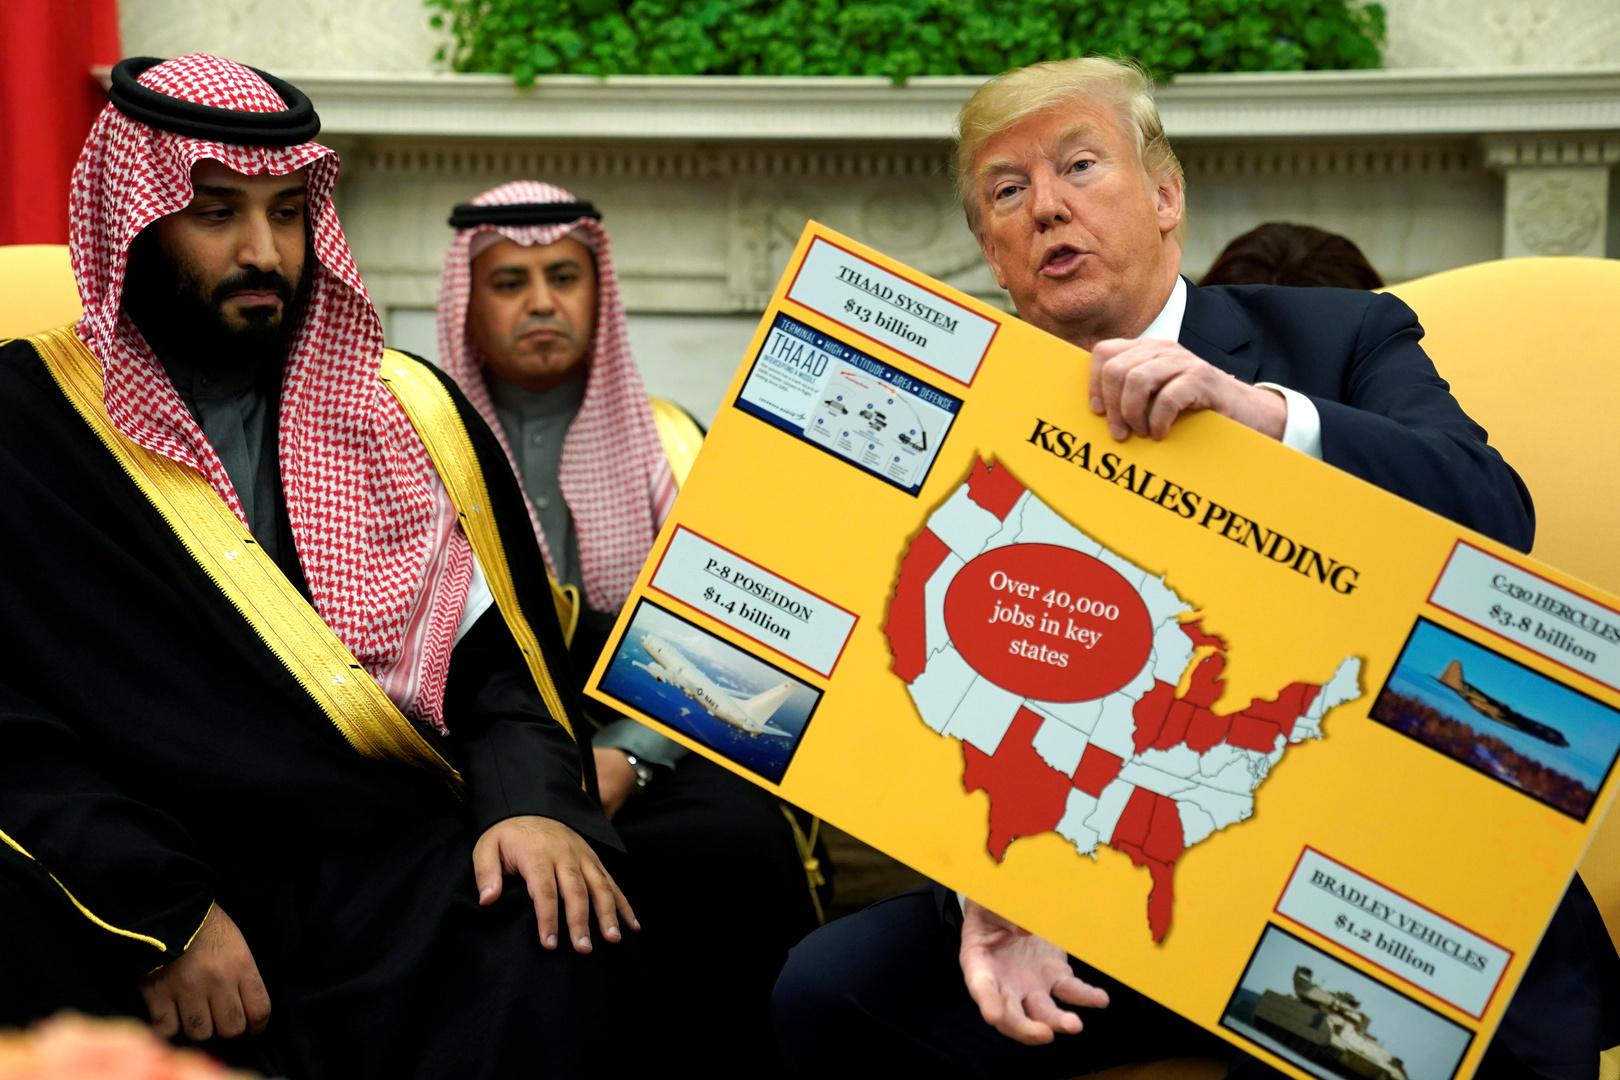 الرئيس الأمريكي دونالد ترامب يستقبل ولي العهد السعودي الأمير محمد بن سلمان في البيت الأبيض - صورة أرشيفية